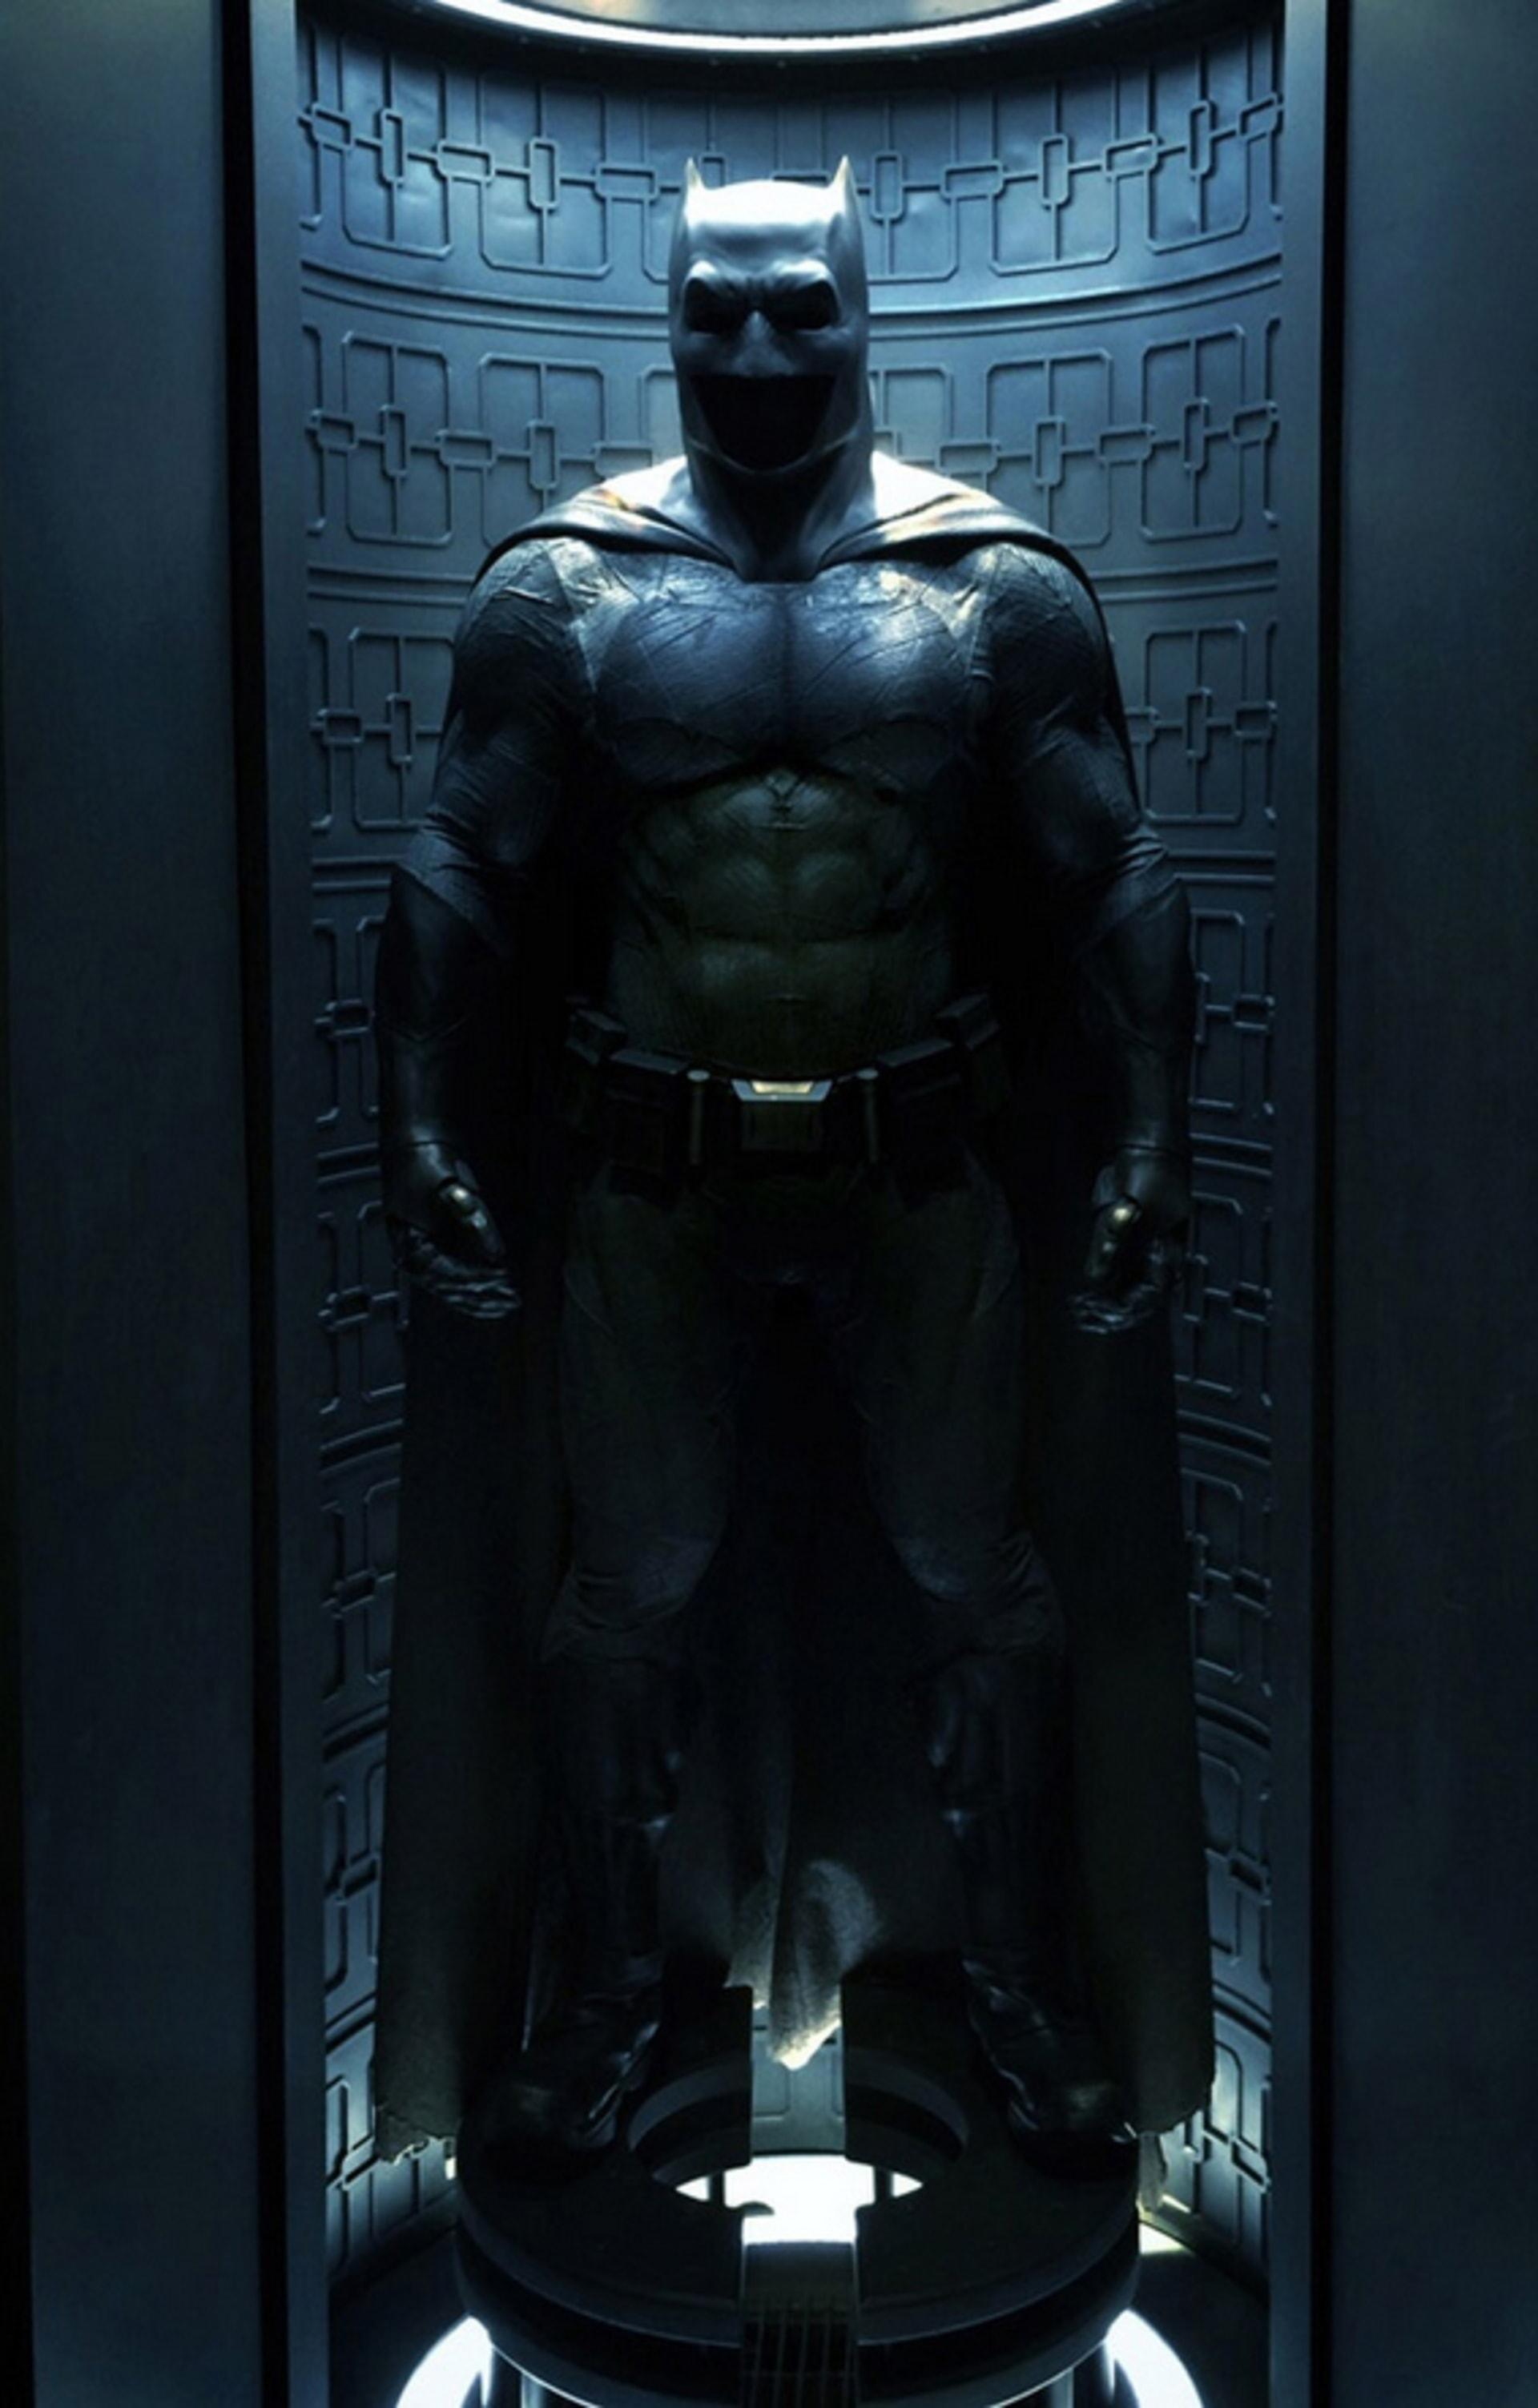 Bat suit in storage